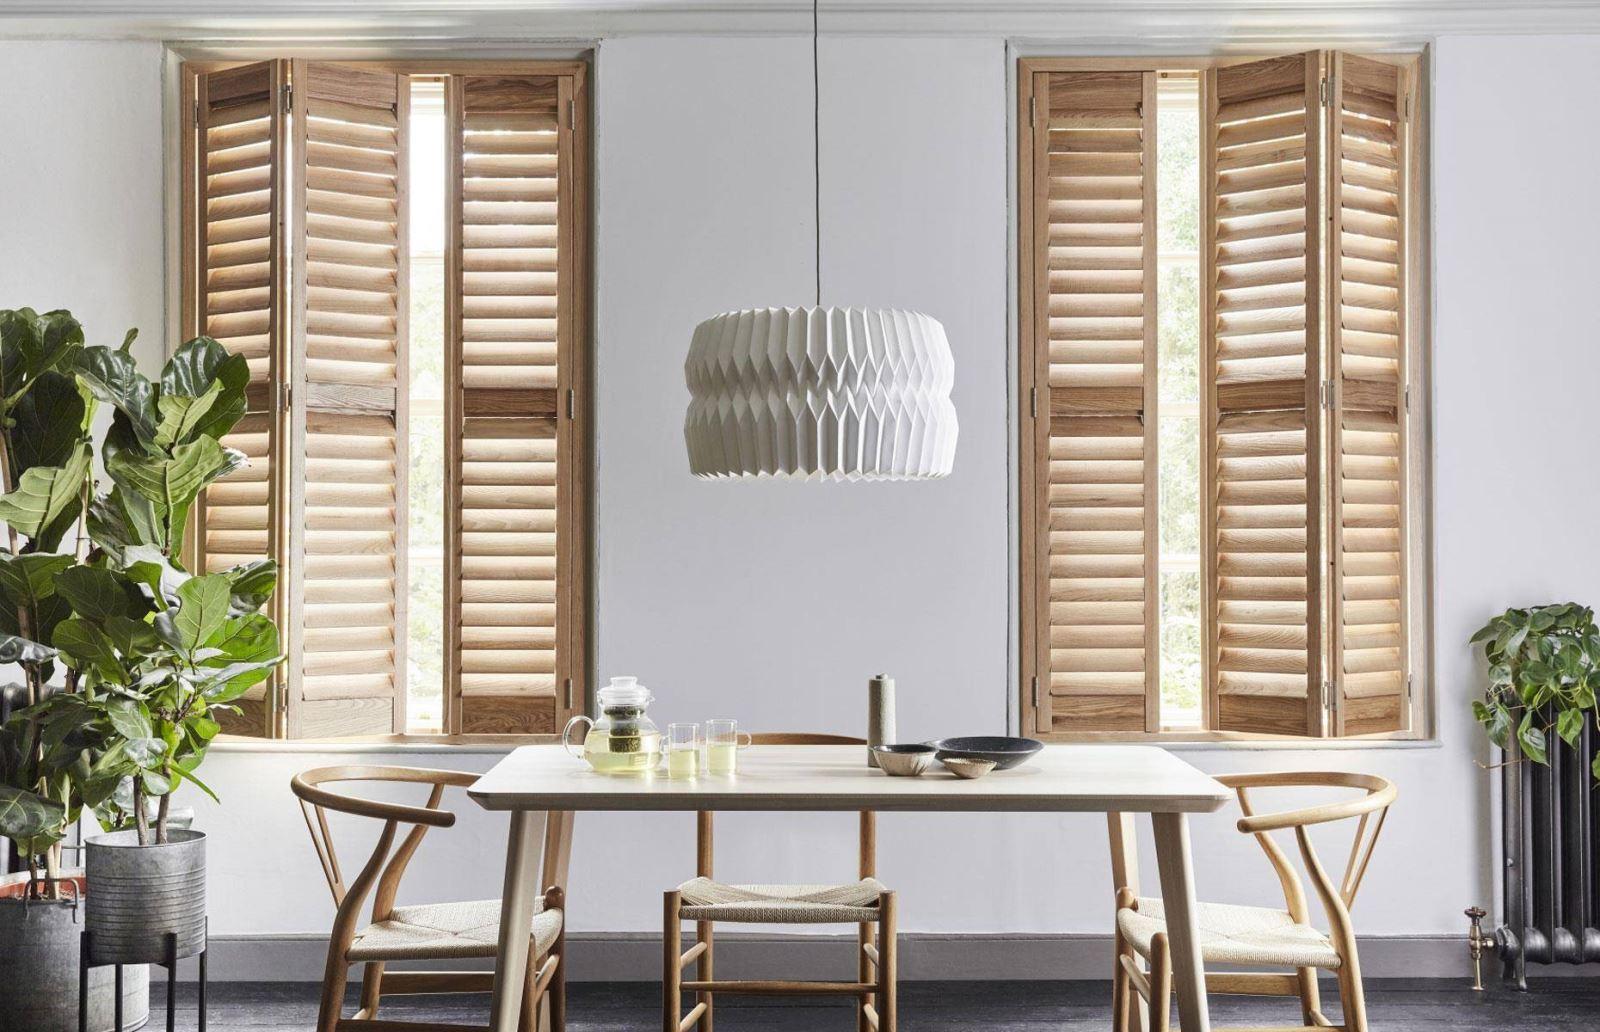 Cửa chớp gỗ tự nhiên kết hợp cánh kép phù hợp với phong cách thiết kế hướng đến sự mộc mạc, tự nhiên